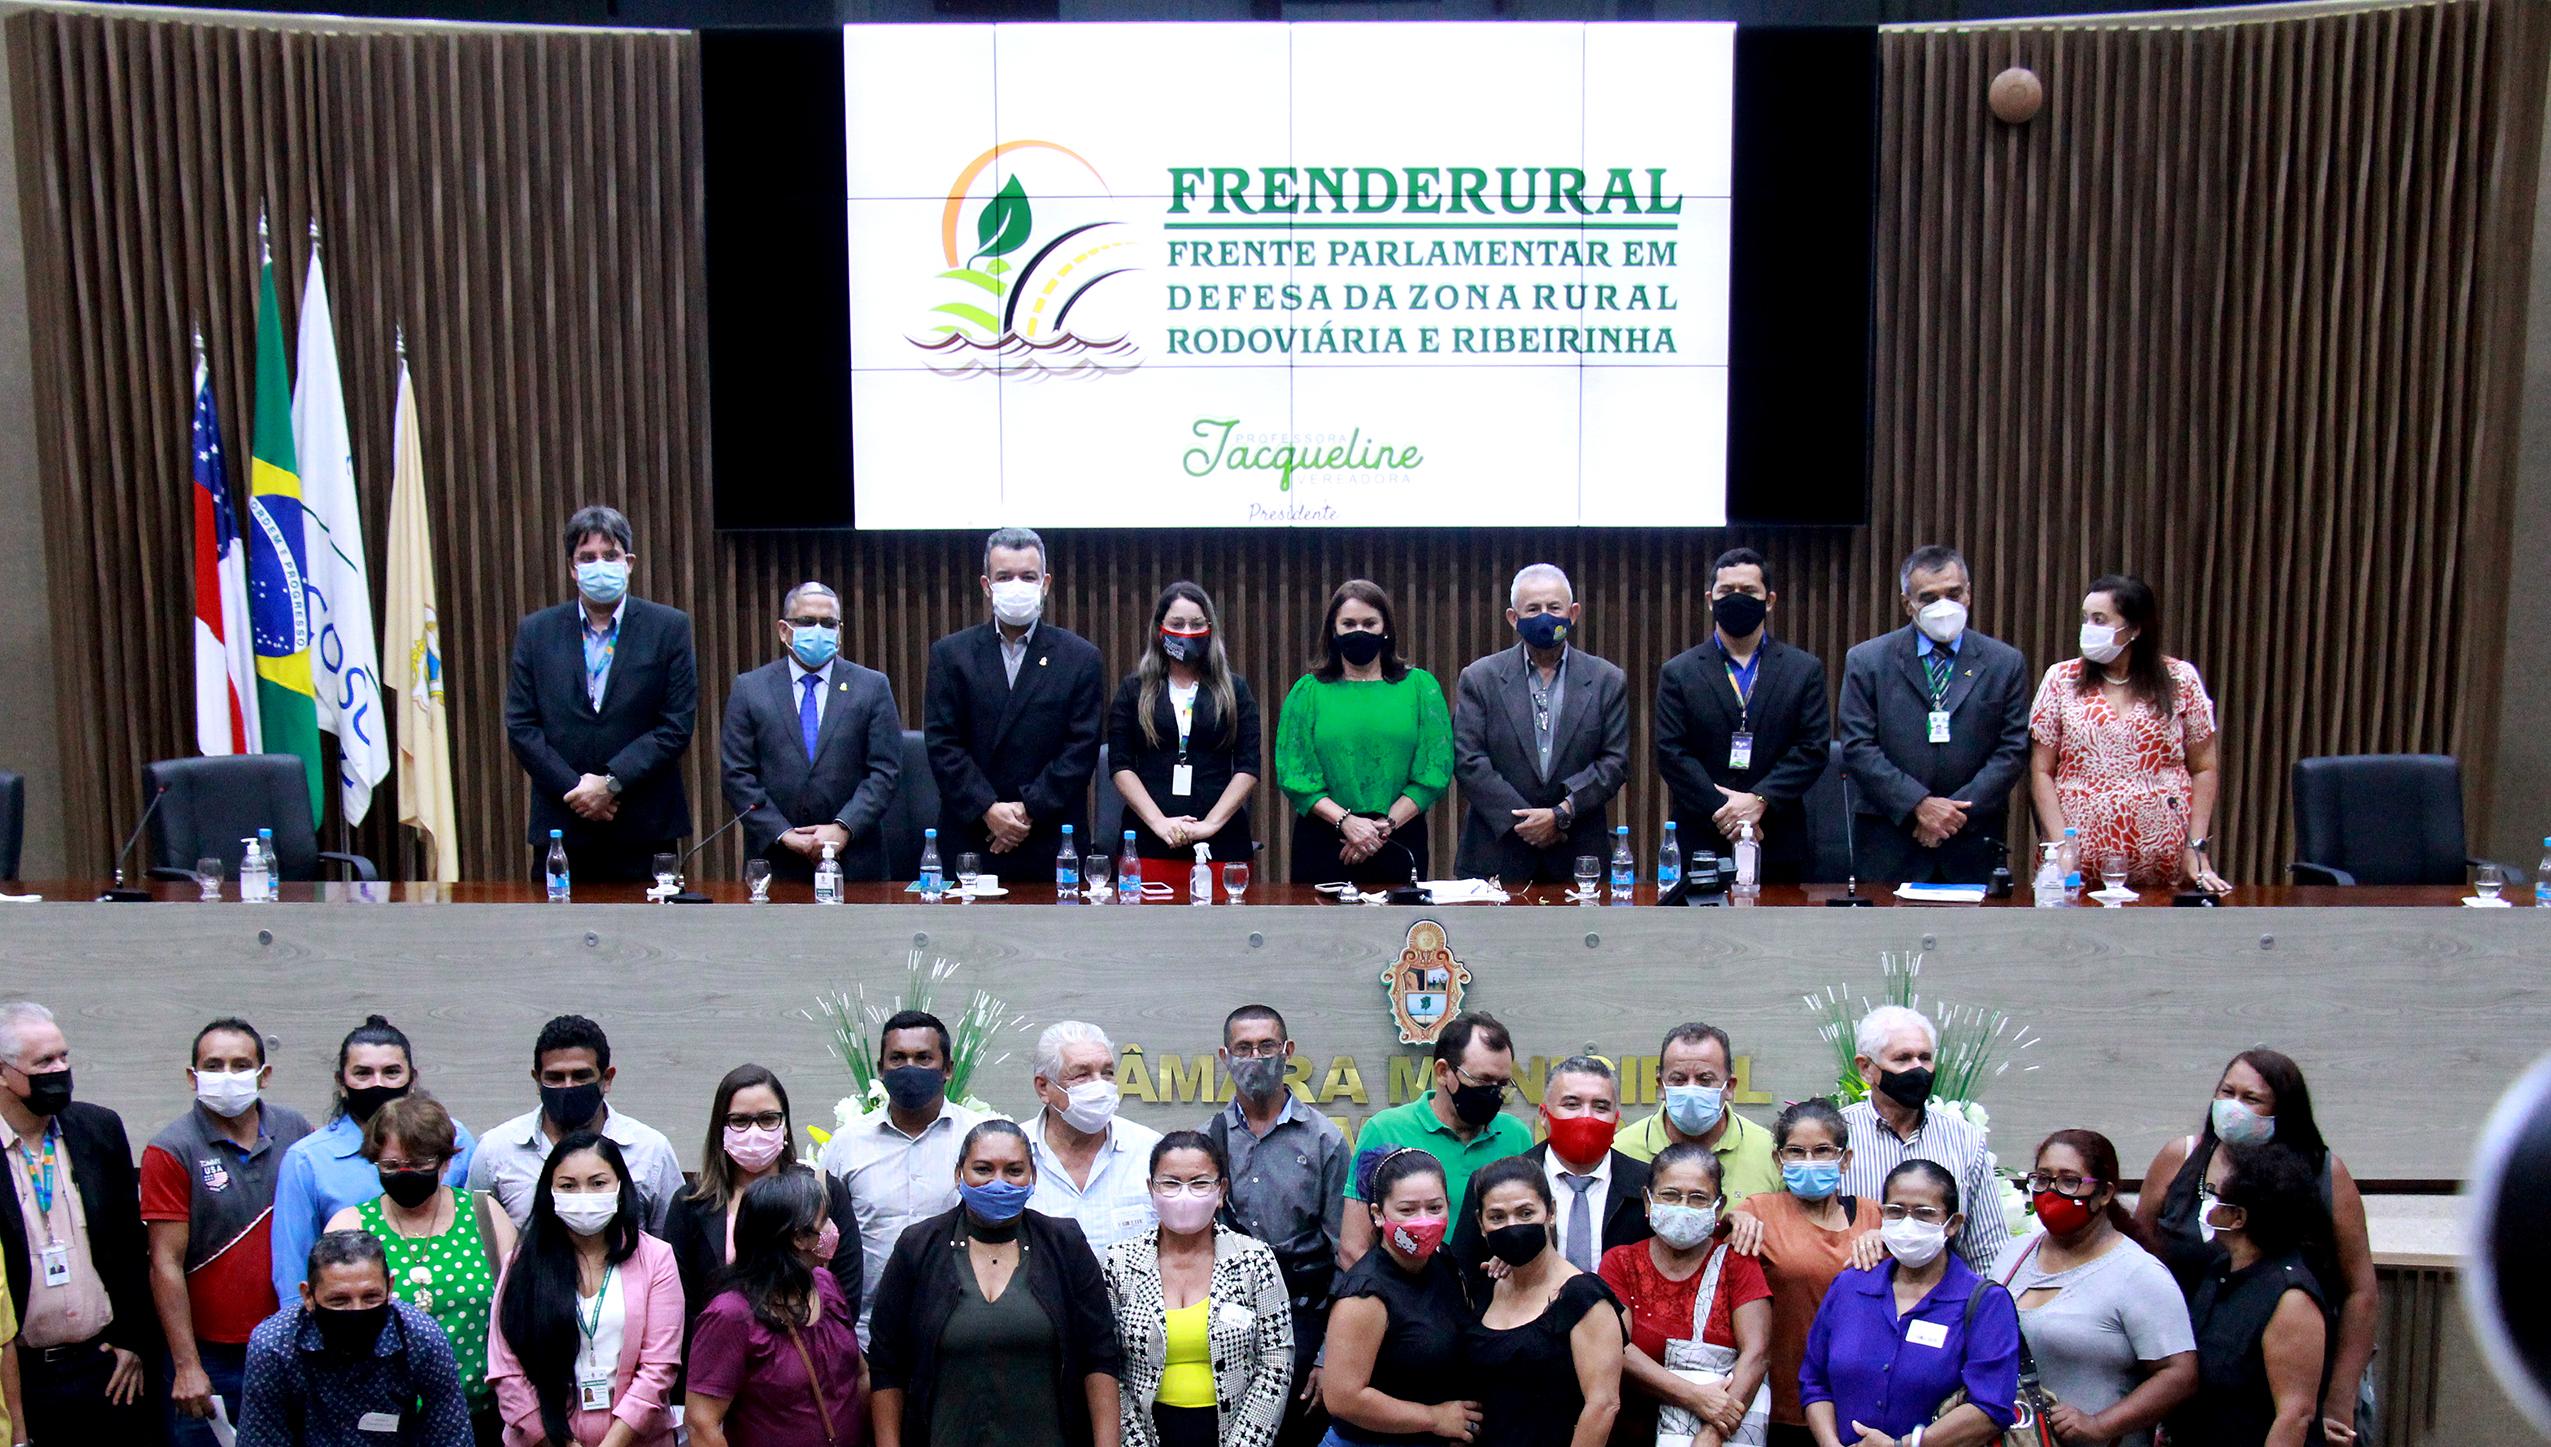 CMM lança Frente Parlamentar em defesa da zona rural rodoviária e ribeirinha de Manaus